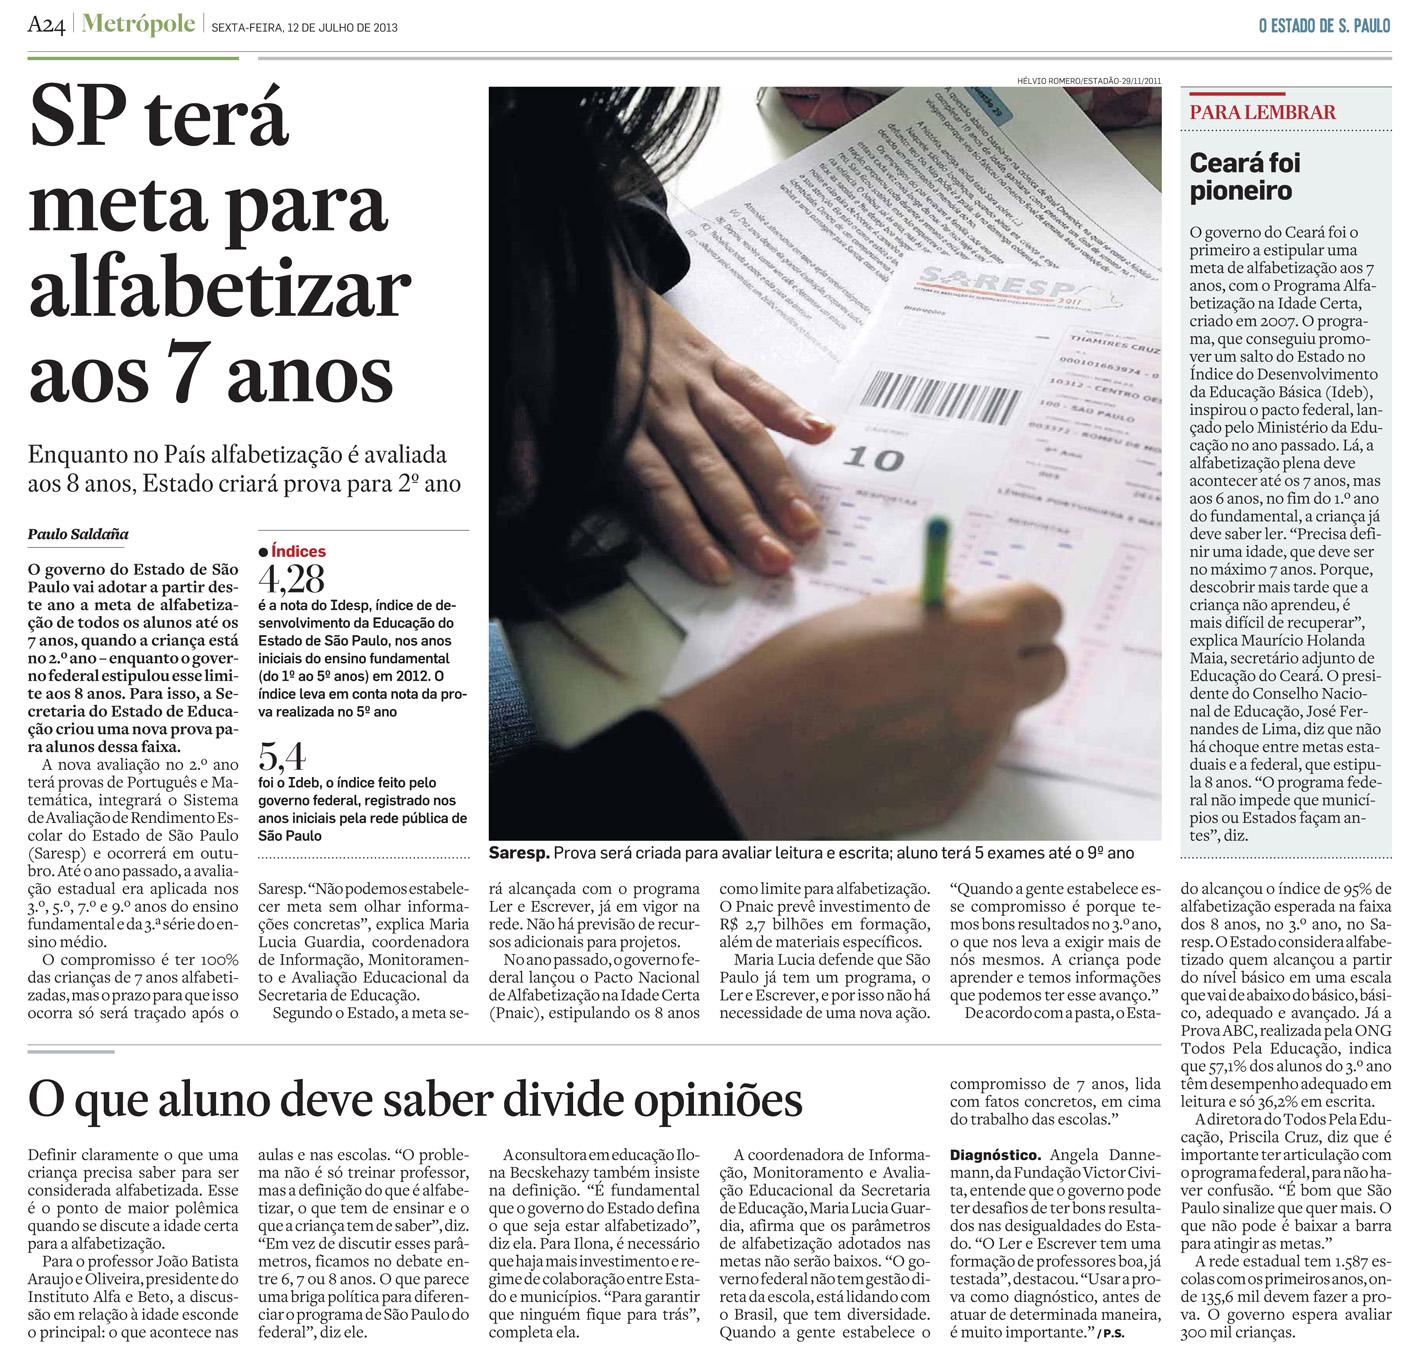 [SP - 1]  ESTADO/PRIMEIRA/PÁGINAS ... 12/07/13